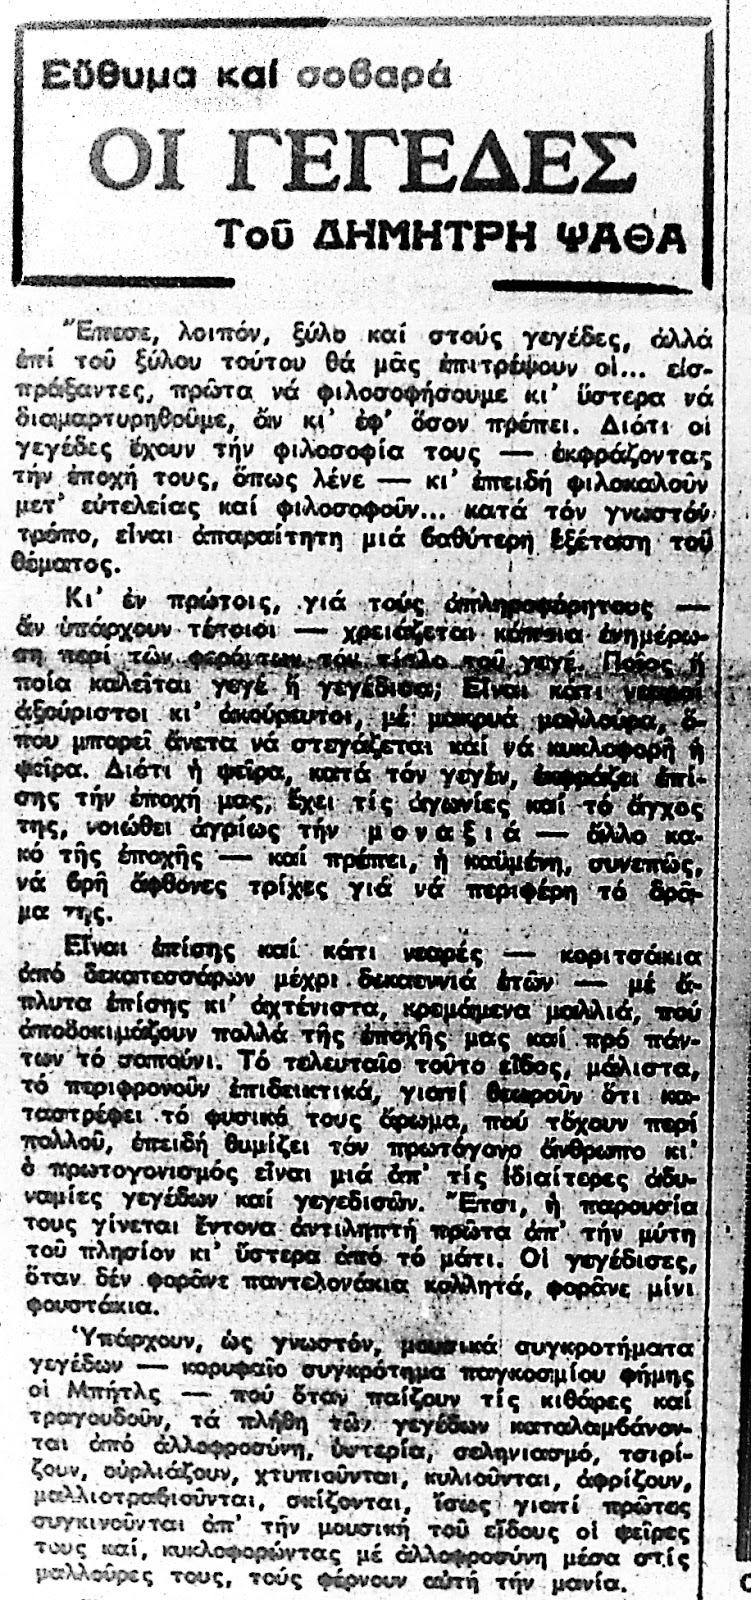 Απόσπασμα από το χρονογράφημα του Δημήτρη Ψαθά στα ΝΕΑ (Απρίλιος 1967)